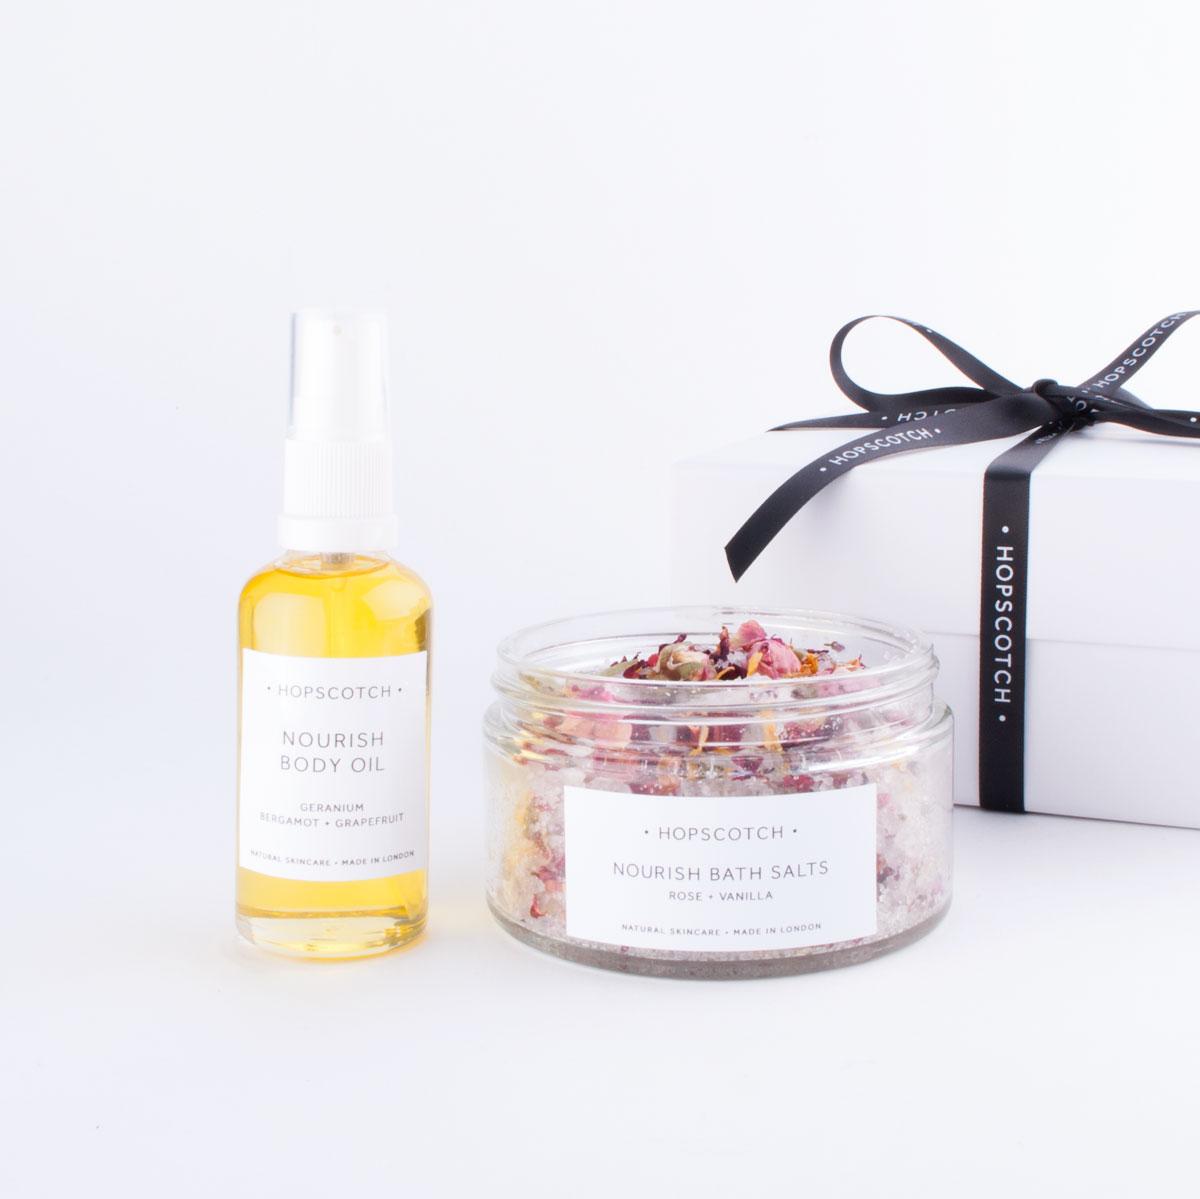 nourish skincare gift box